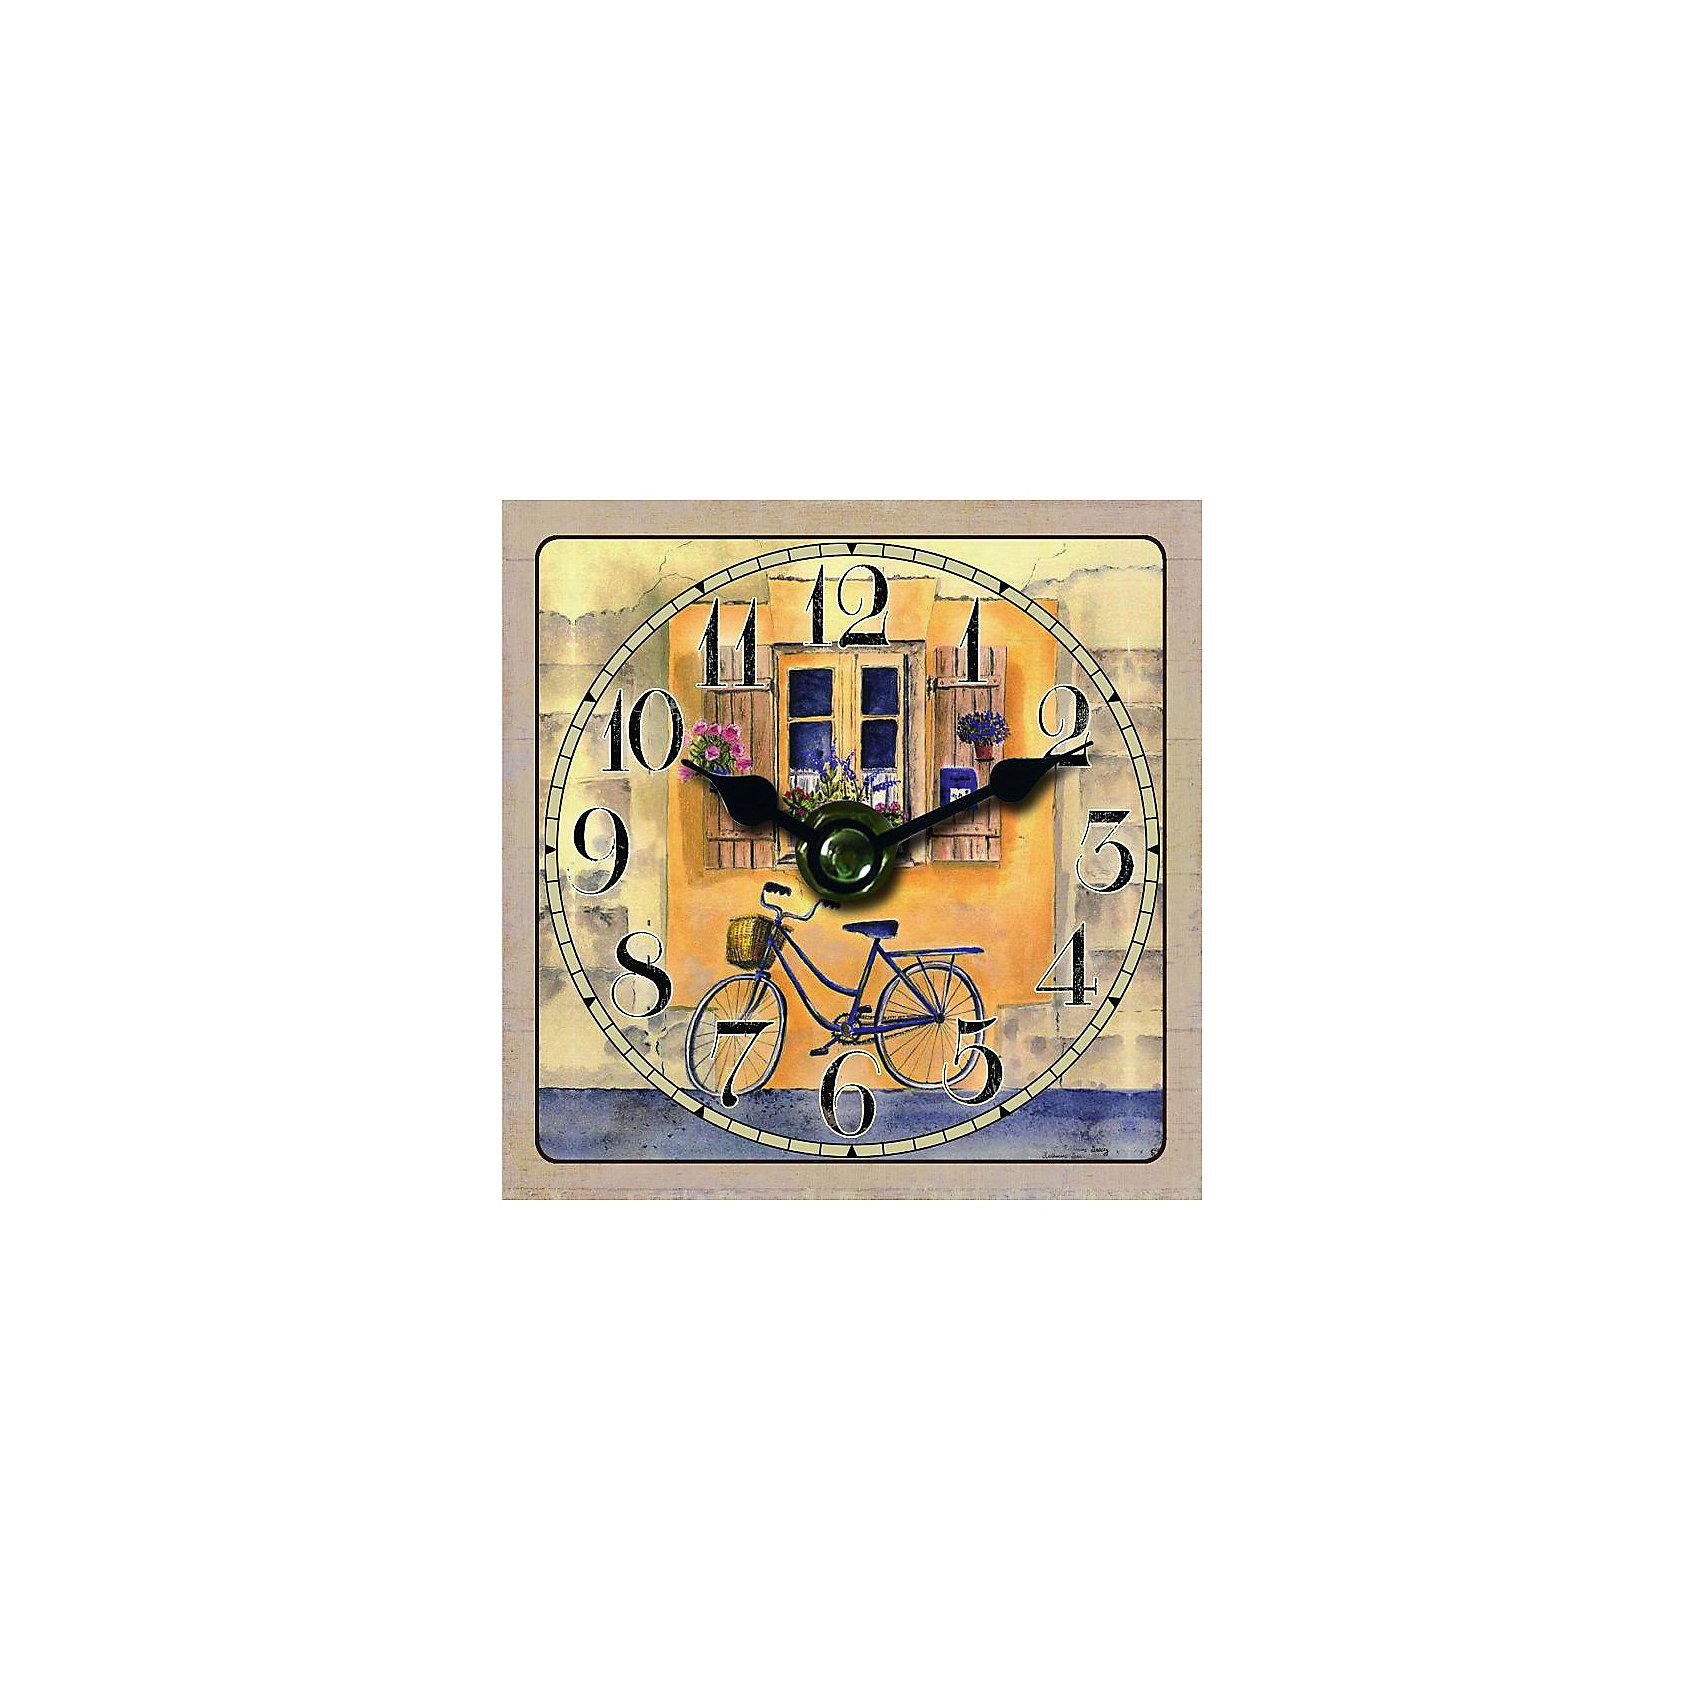 Часы настольные Велосипед, Magic HomeПредметы интерьера<br>Настольные часы с открытым циферблатом устанавливаются на плоской поверхности стола, полки или прикроватной тумбочки. Ход стрелок плавный, часы кварцевые, без боя, с циферблатом, часовой механизм находится на задней стенке часов. Корпус часов Magic Home – мдф-основа с рисунком «Велосипед». <br><br>Дополнительная информация:<br><br>Для работы часов требуется 1 батарейка типа АА (приобретается отдельно).<br><br>Размер: 10х10 см<br><br>Материал: МДФ - древесноволокнистая плита средней плотности, изготовленная из древесных опилок мелкой фракции.<br><br>Часы настольные Велосипед, Magic Home можно купить в нашем интернет-магазине.<br><br>Ширина мм: 210<br>Глубина мм: 150<br>Высота мм: 40<br>Вес г: 177<br>Возраст от месяцев: 216<br>Возраст до месяцев: 1200<br>Пол: Унисекс<br>Возраст: Детский<br>SKU: 5030489